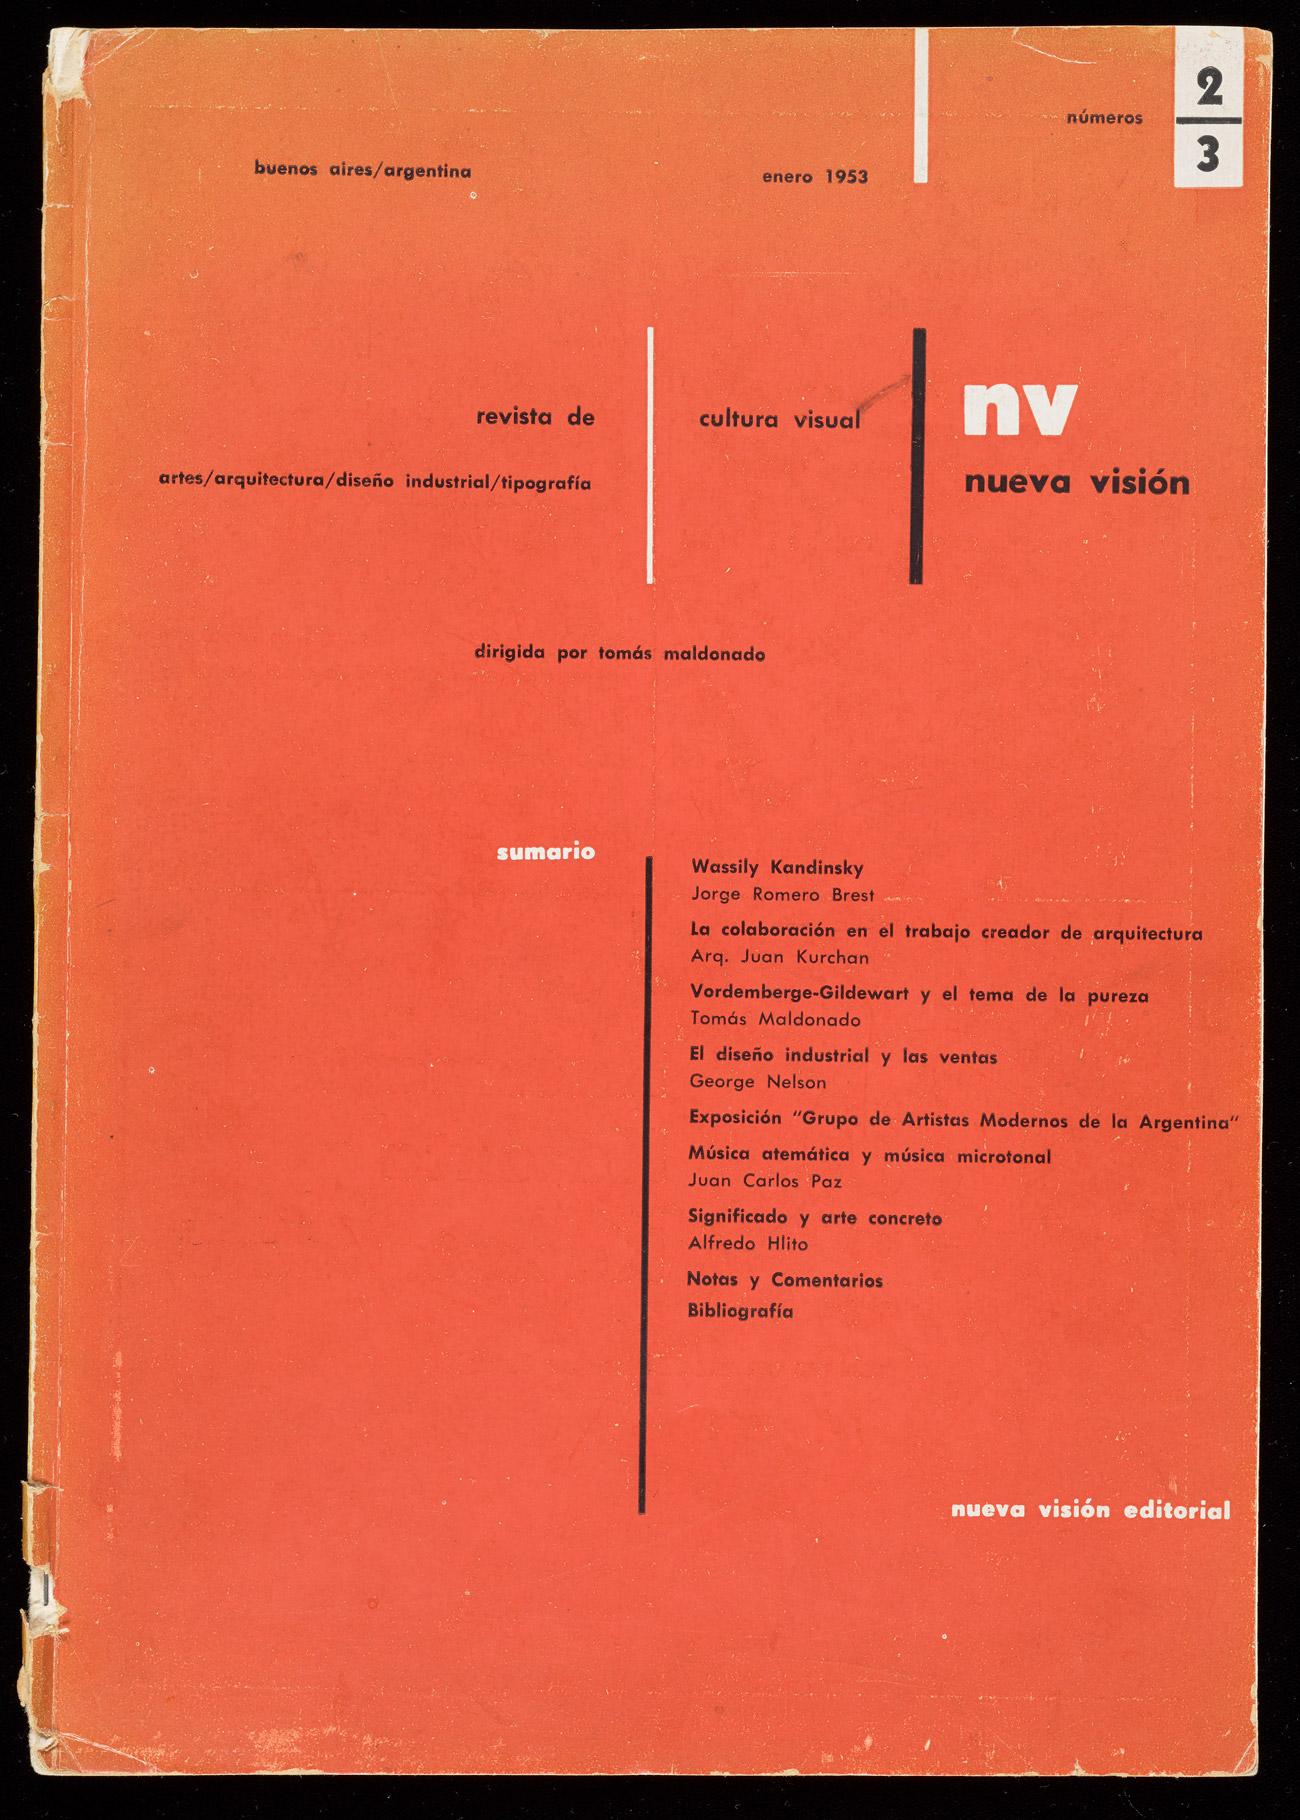 Bright orange battered magazine cover with title NV Nueva Visión, subtitle revista de artes/arquetectura/ deseño industrial/ tipografía